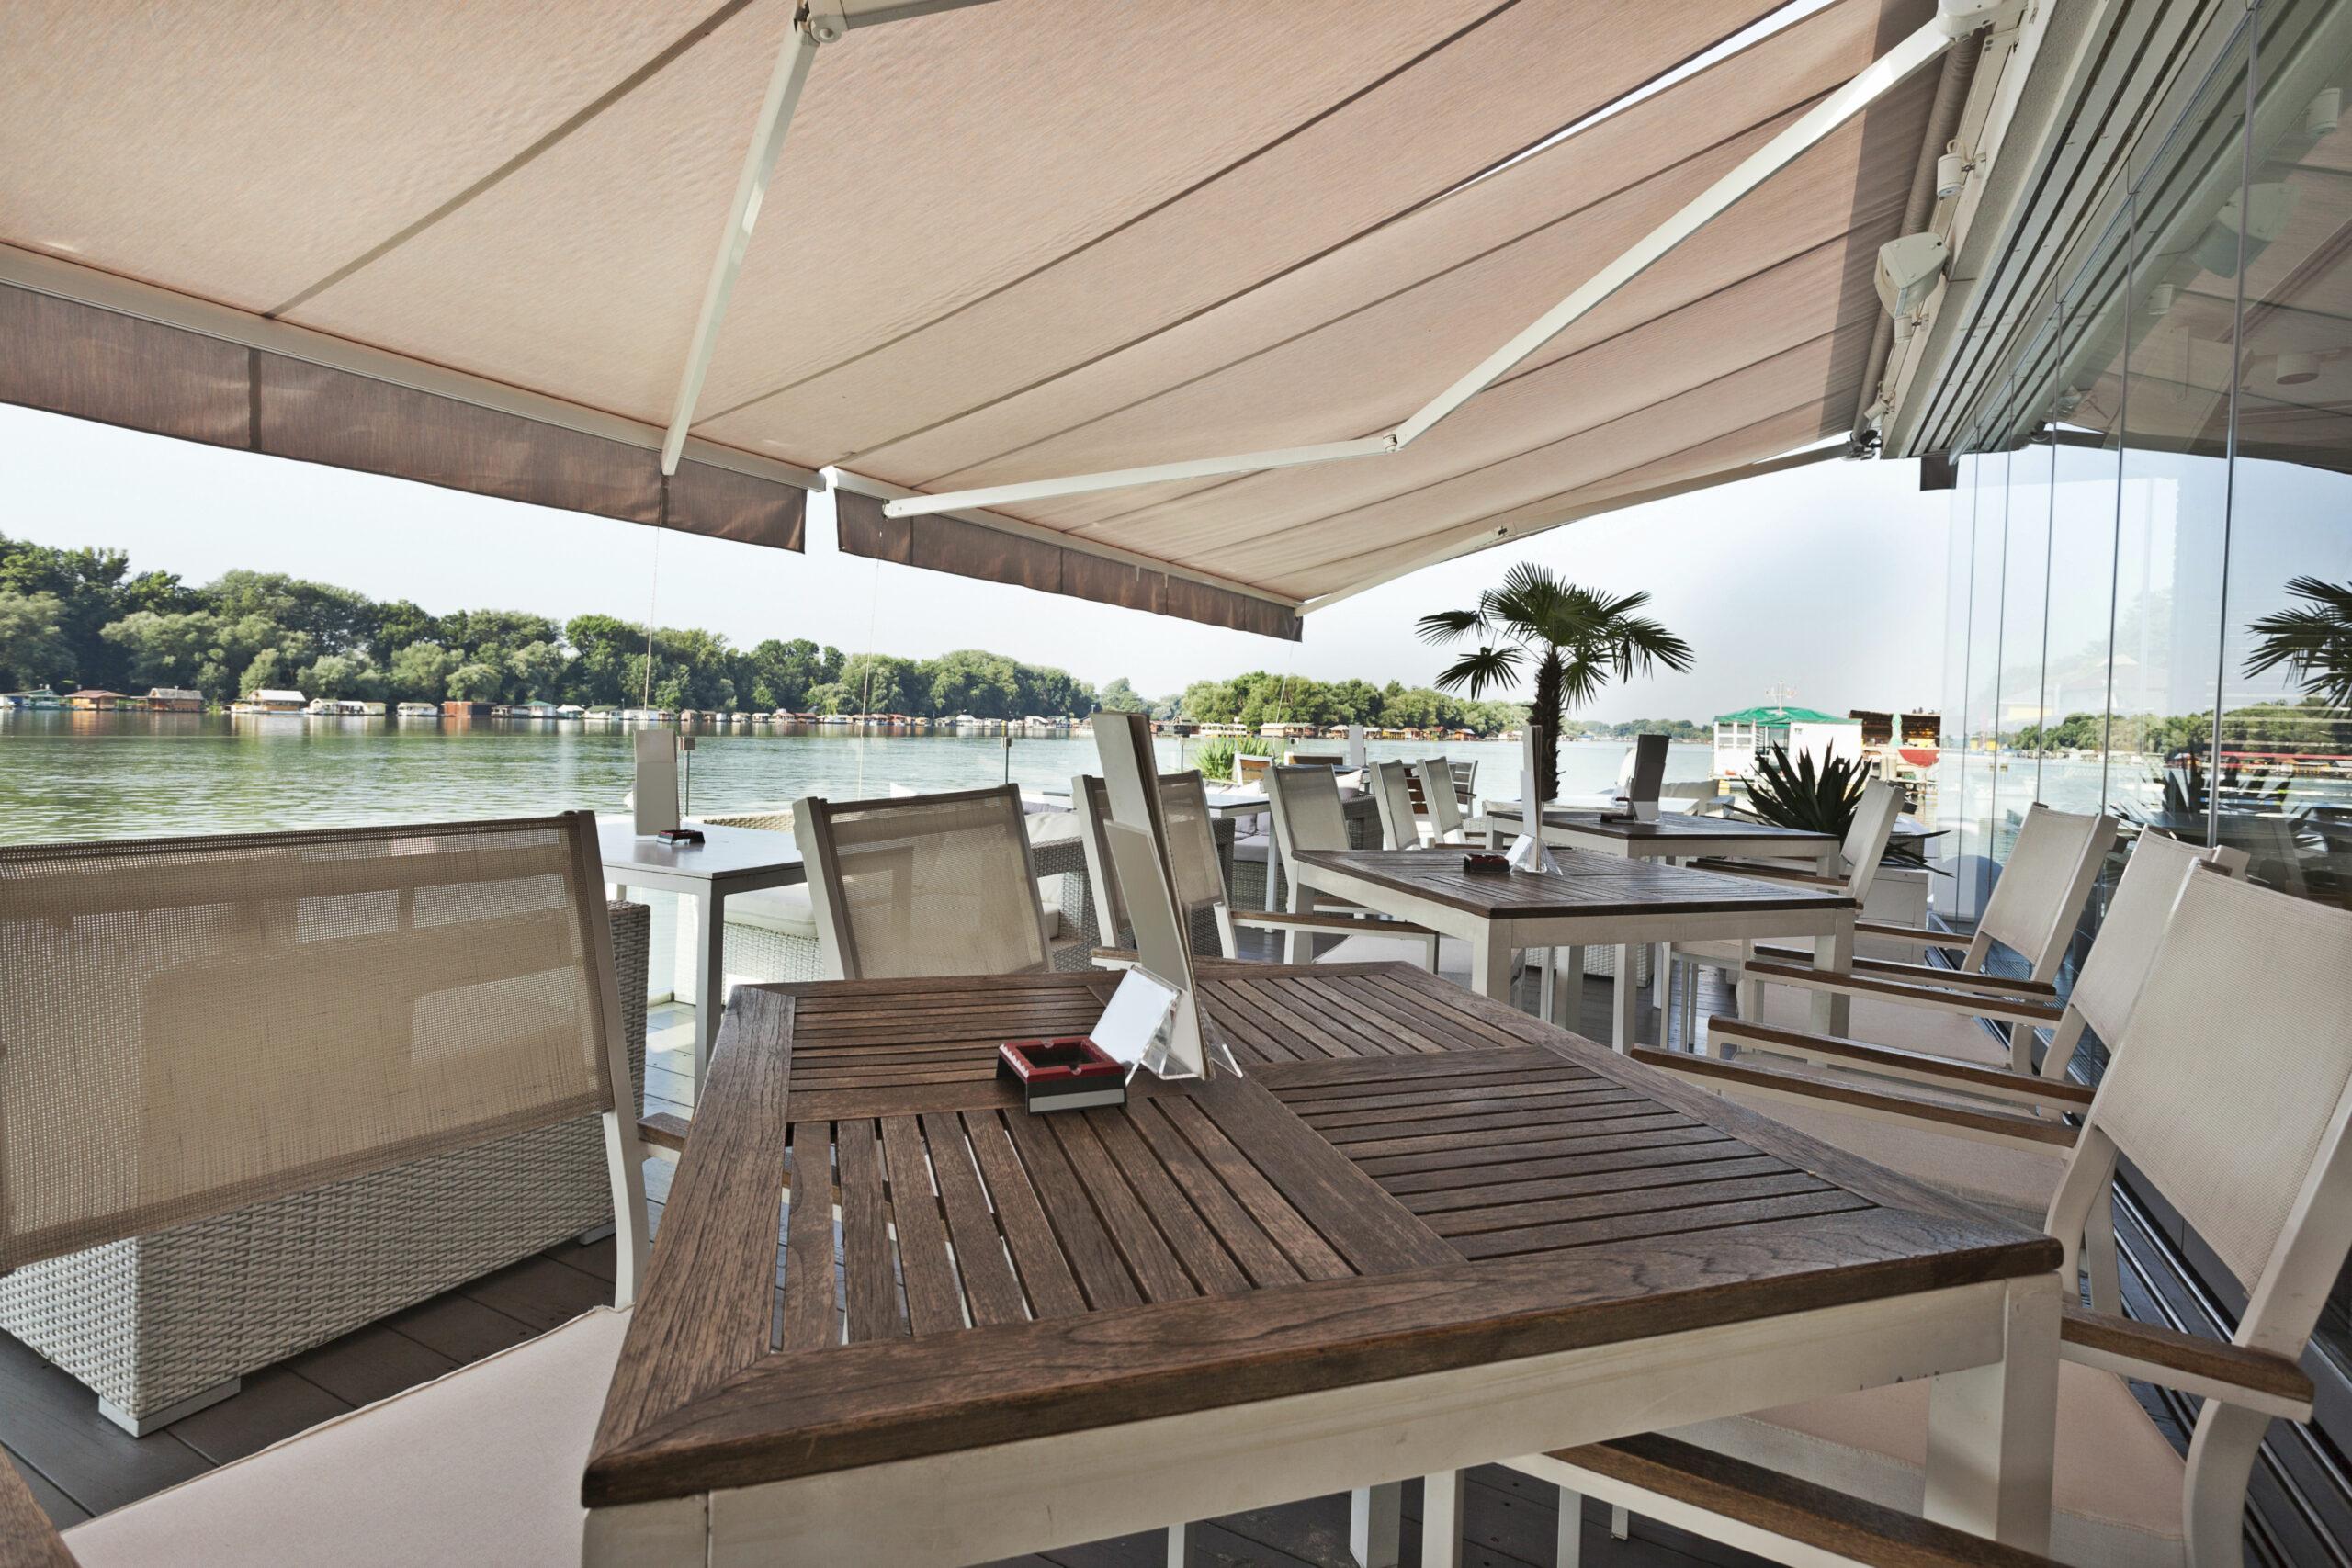 「川沿いカフェ」の魅力に迫る